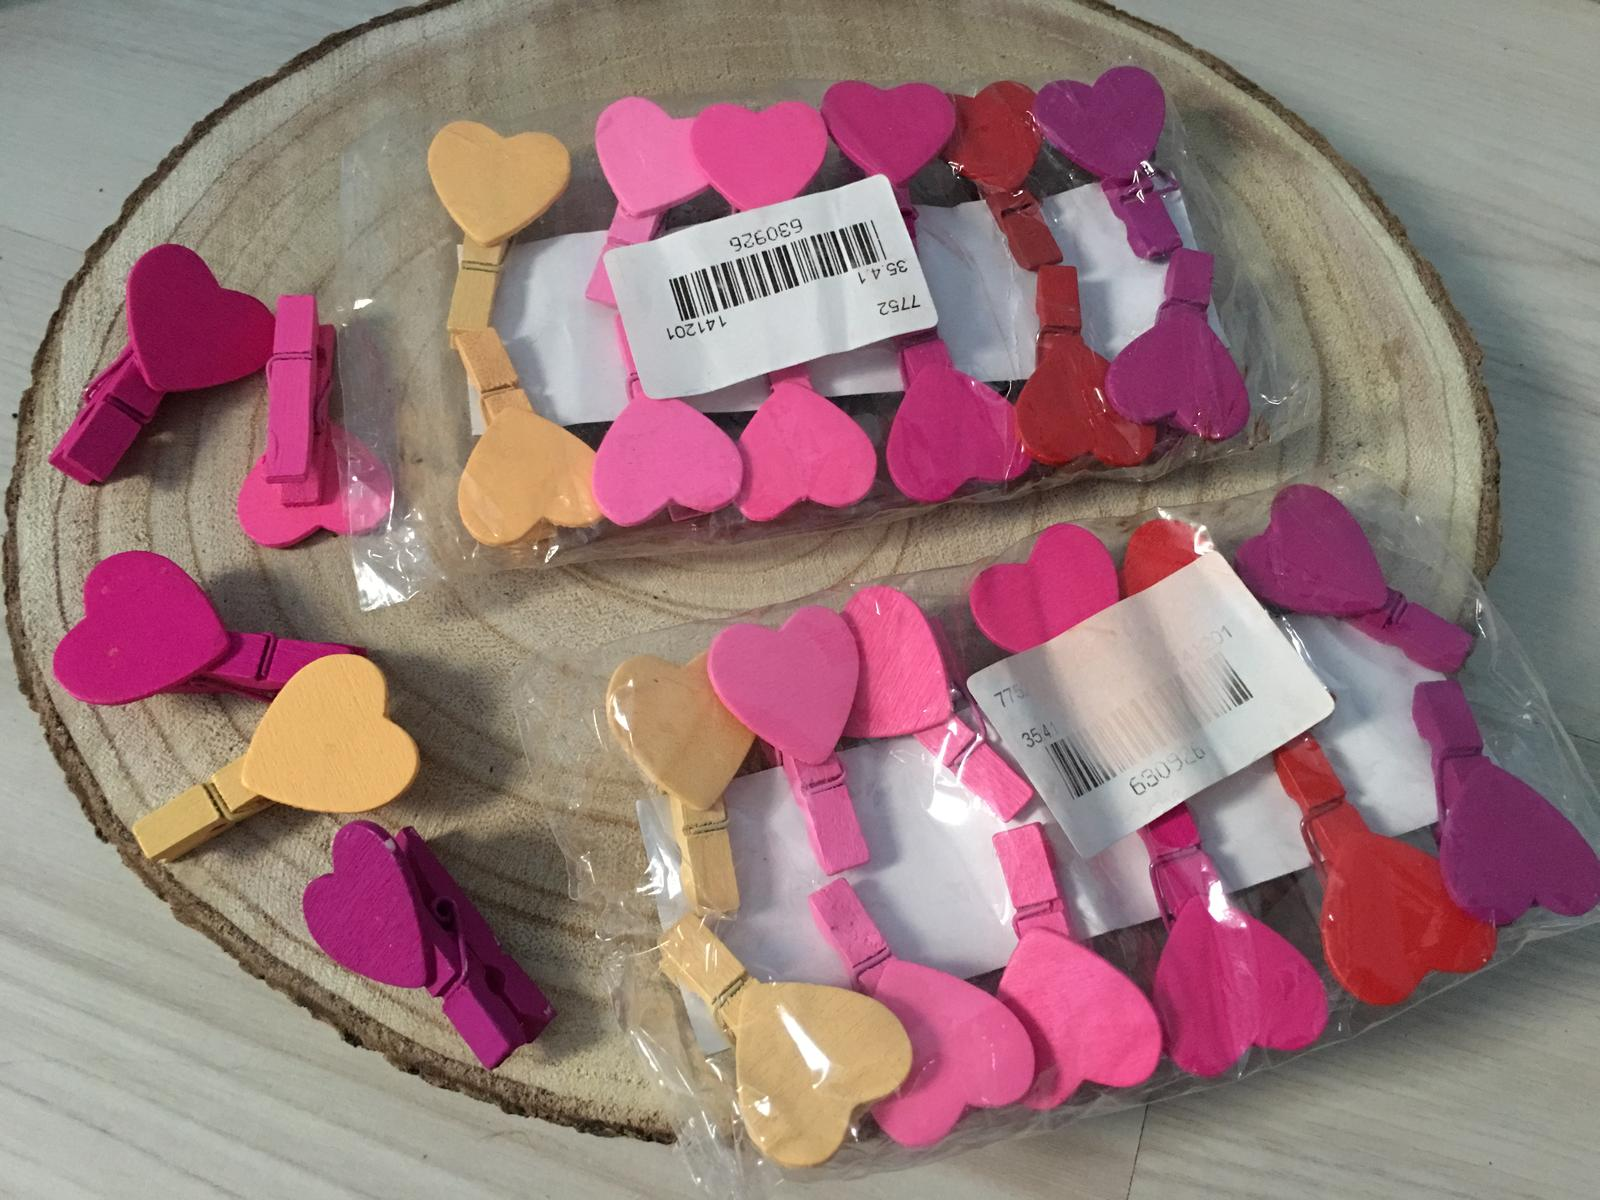 Srdiečkove štipce na rôzne využitie (farebne) - Obrázok č. 1